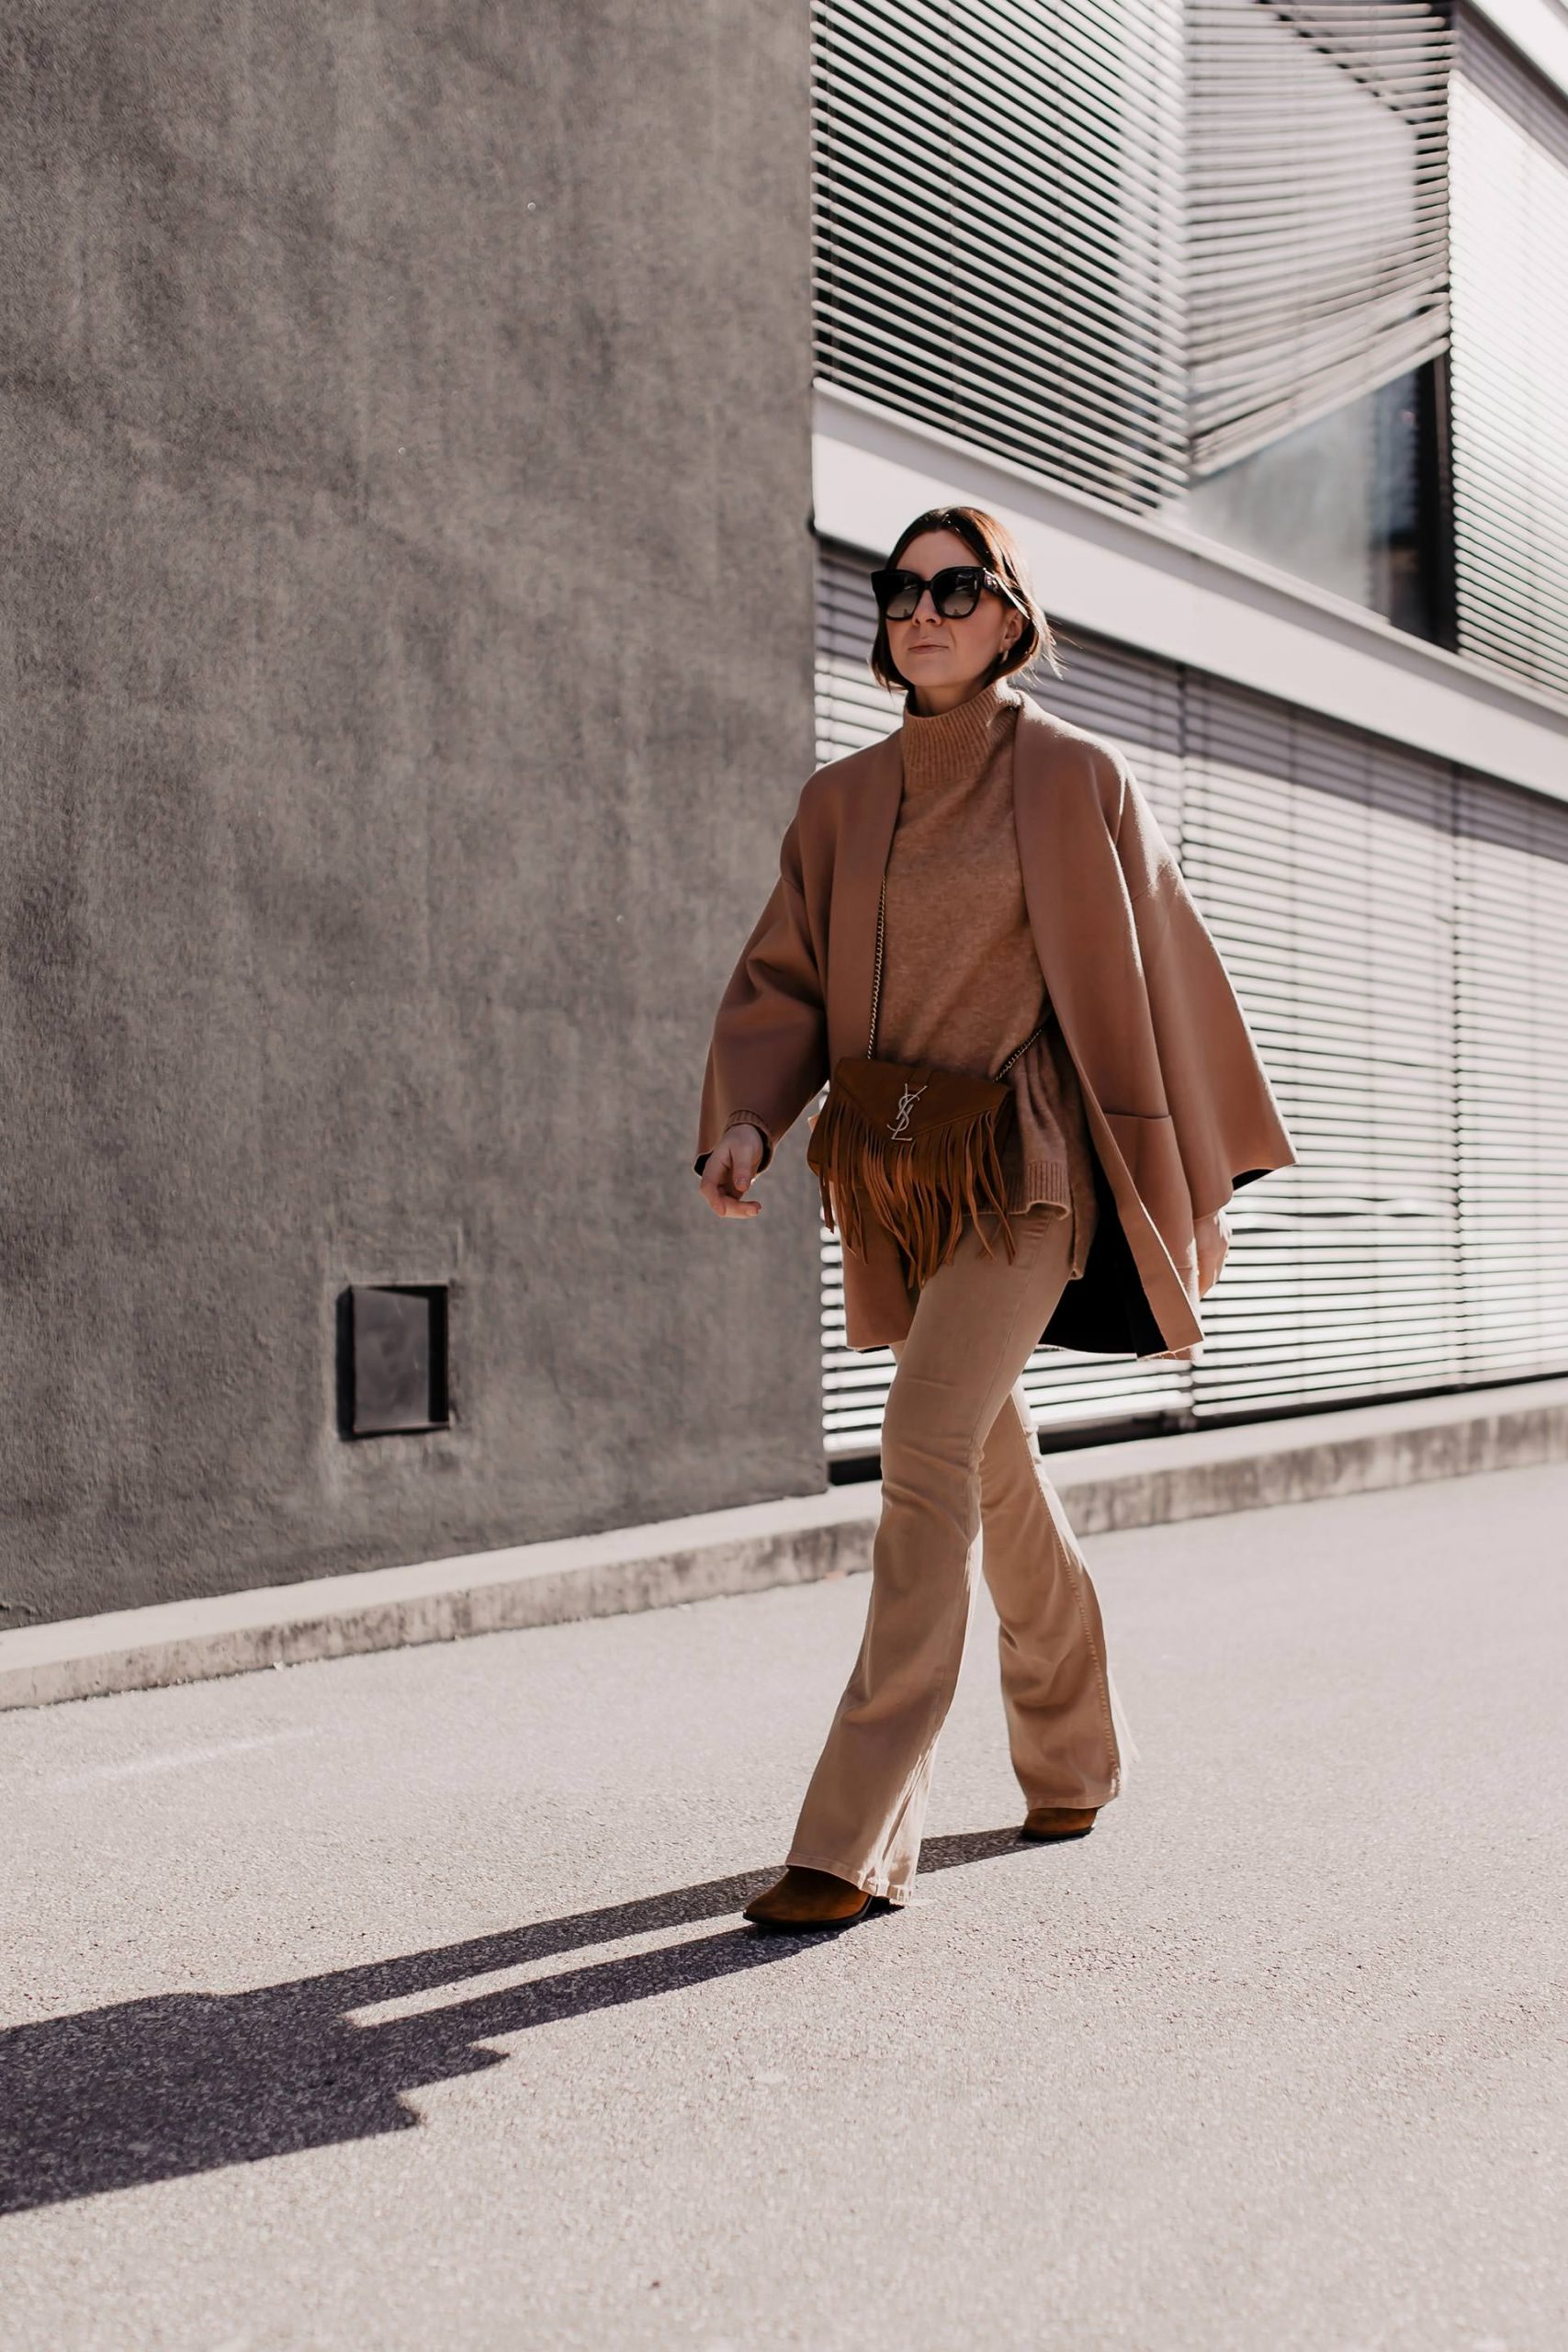 Ein Ton-in-Ton Outfit ist langweilig und unkreativ? Ganz und gar nicht! Auf dem Modeblog verrate ich dir 4 Tipps, worauf es bei einem Einheitslook ankommt. www.whoismocca.com #frühlingstrends #frühlingsoutfit #outfitoftheday